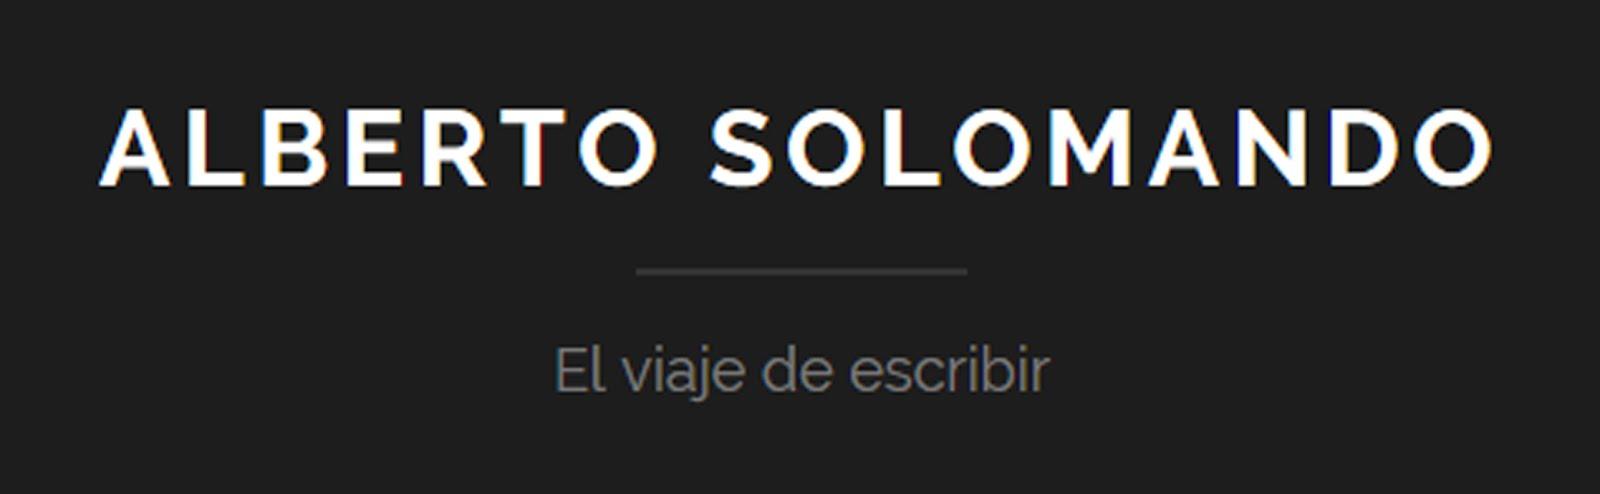 ALBERTO SOLOMANDO